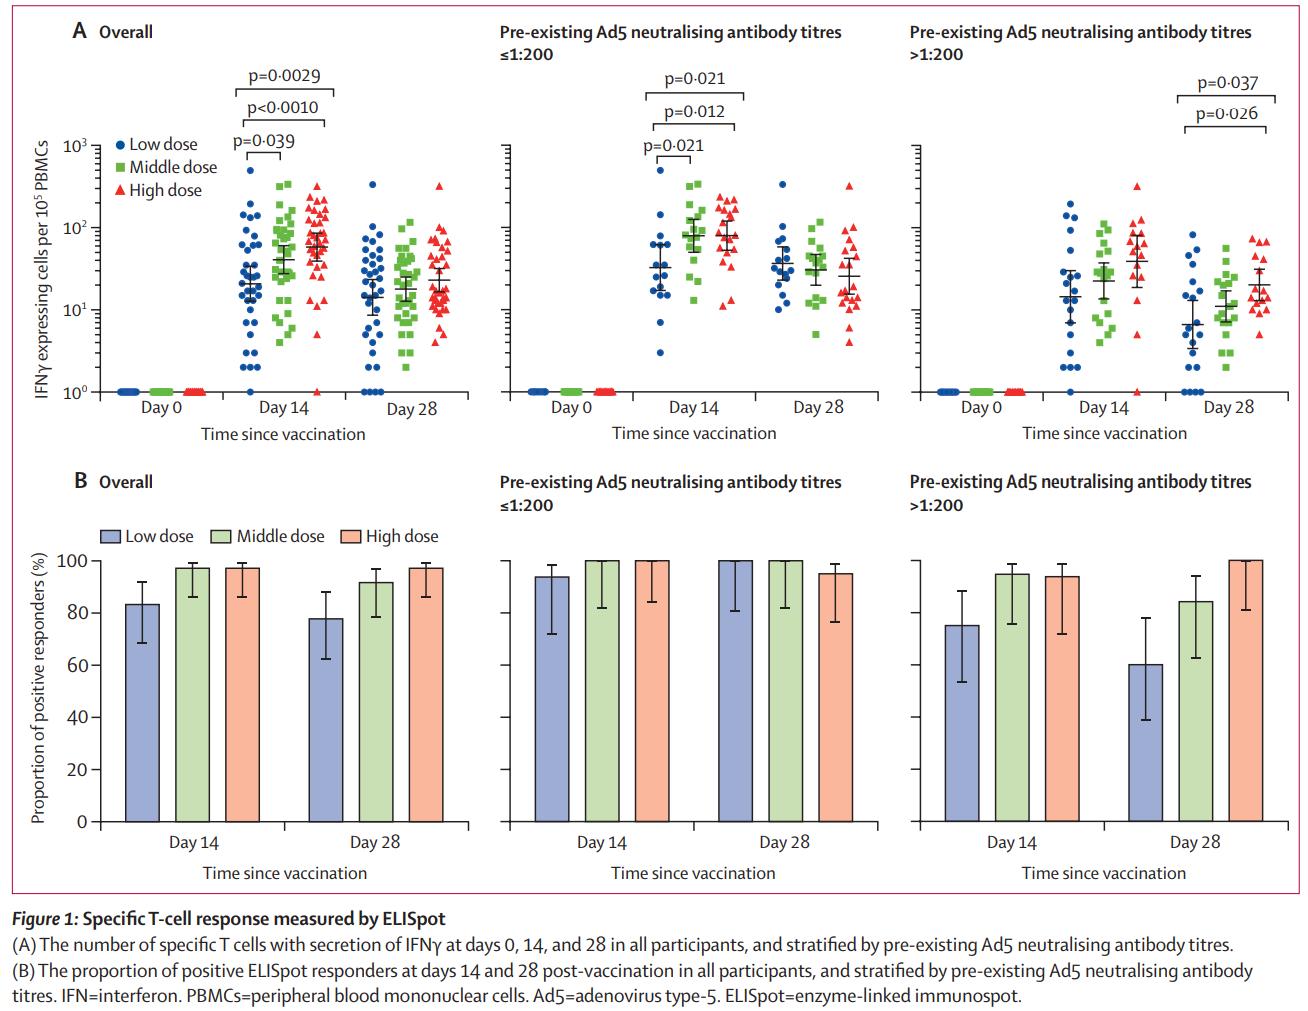 《柳叶刀》刊发中国新冠疫苗第Ⅰ阶段初步研究成果:证实安全性、有效性